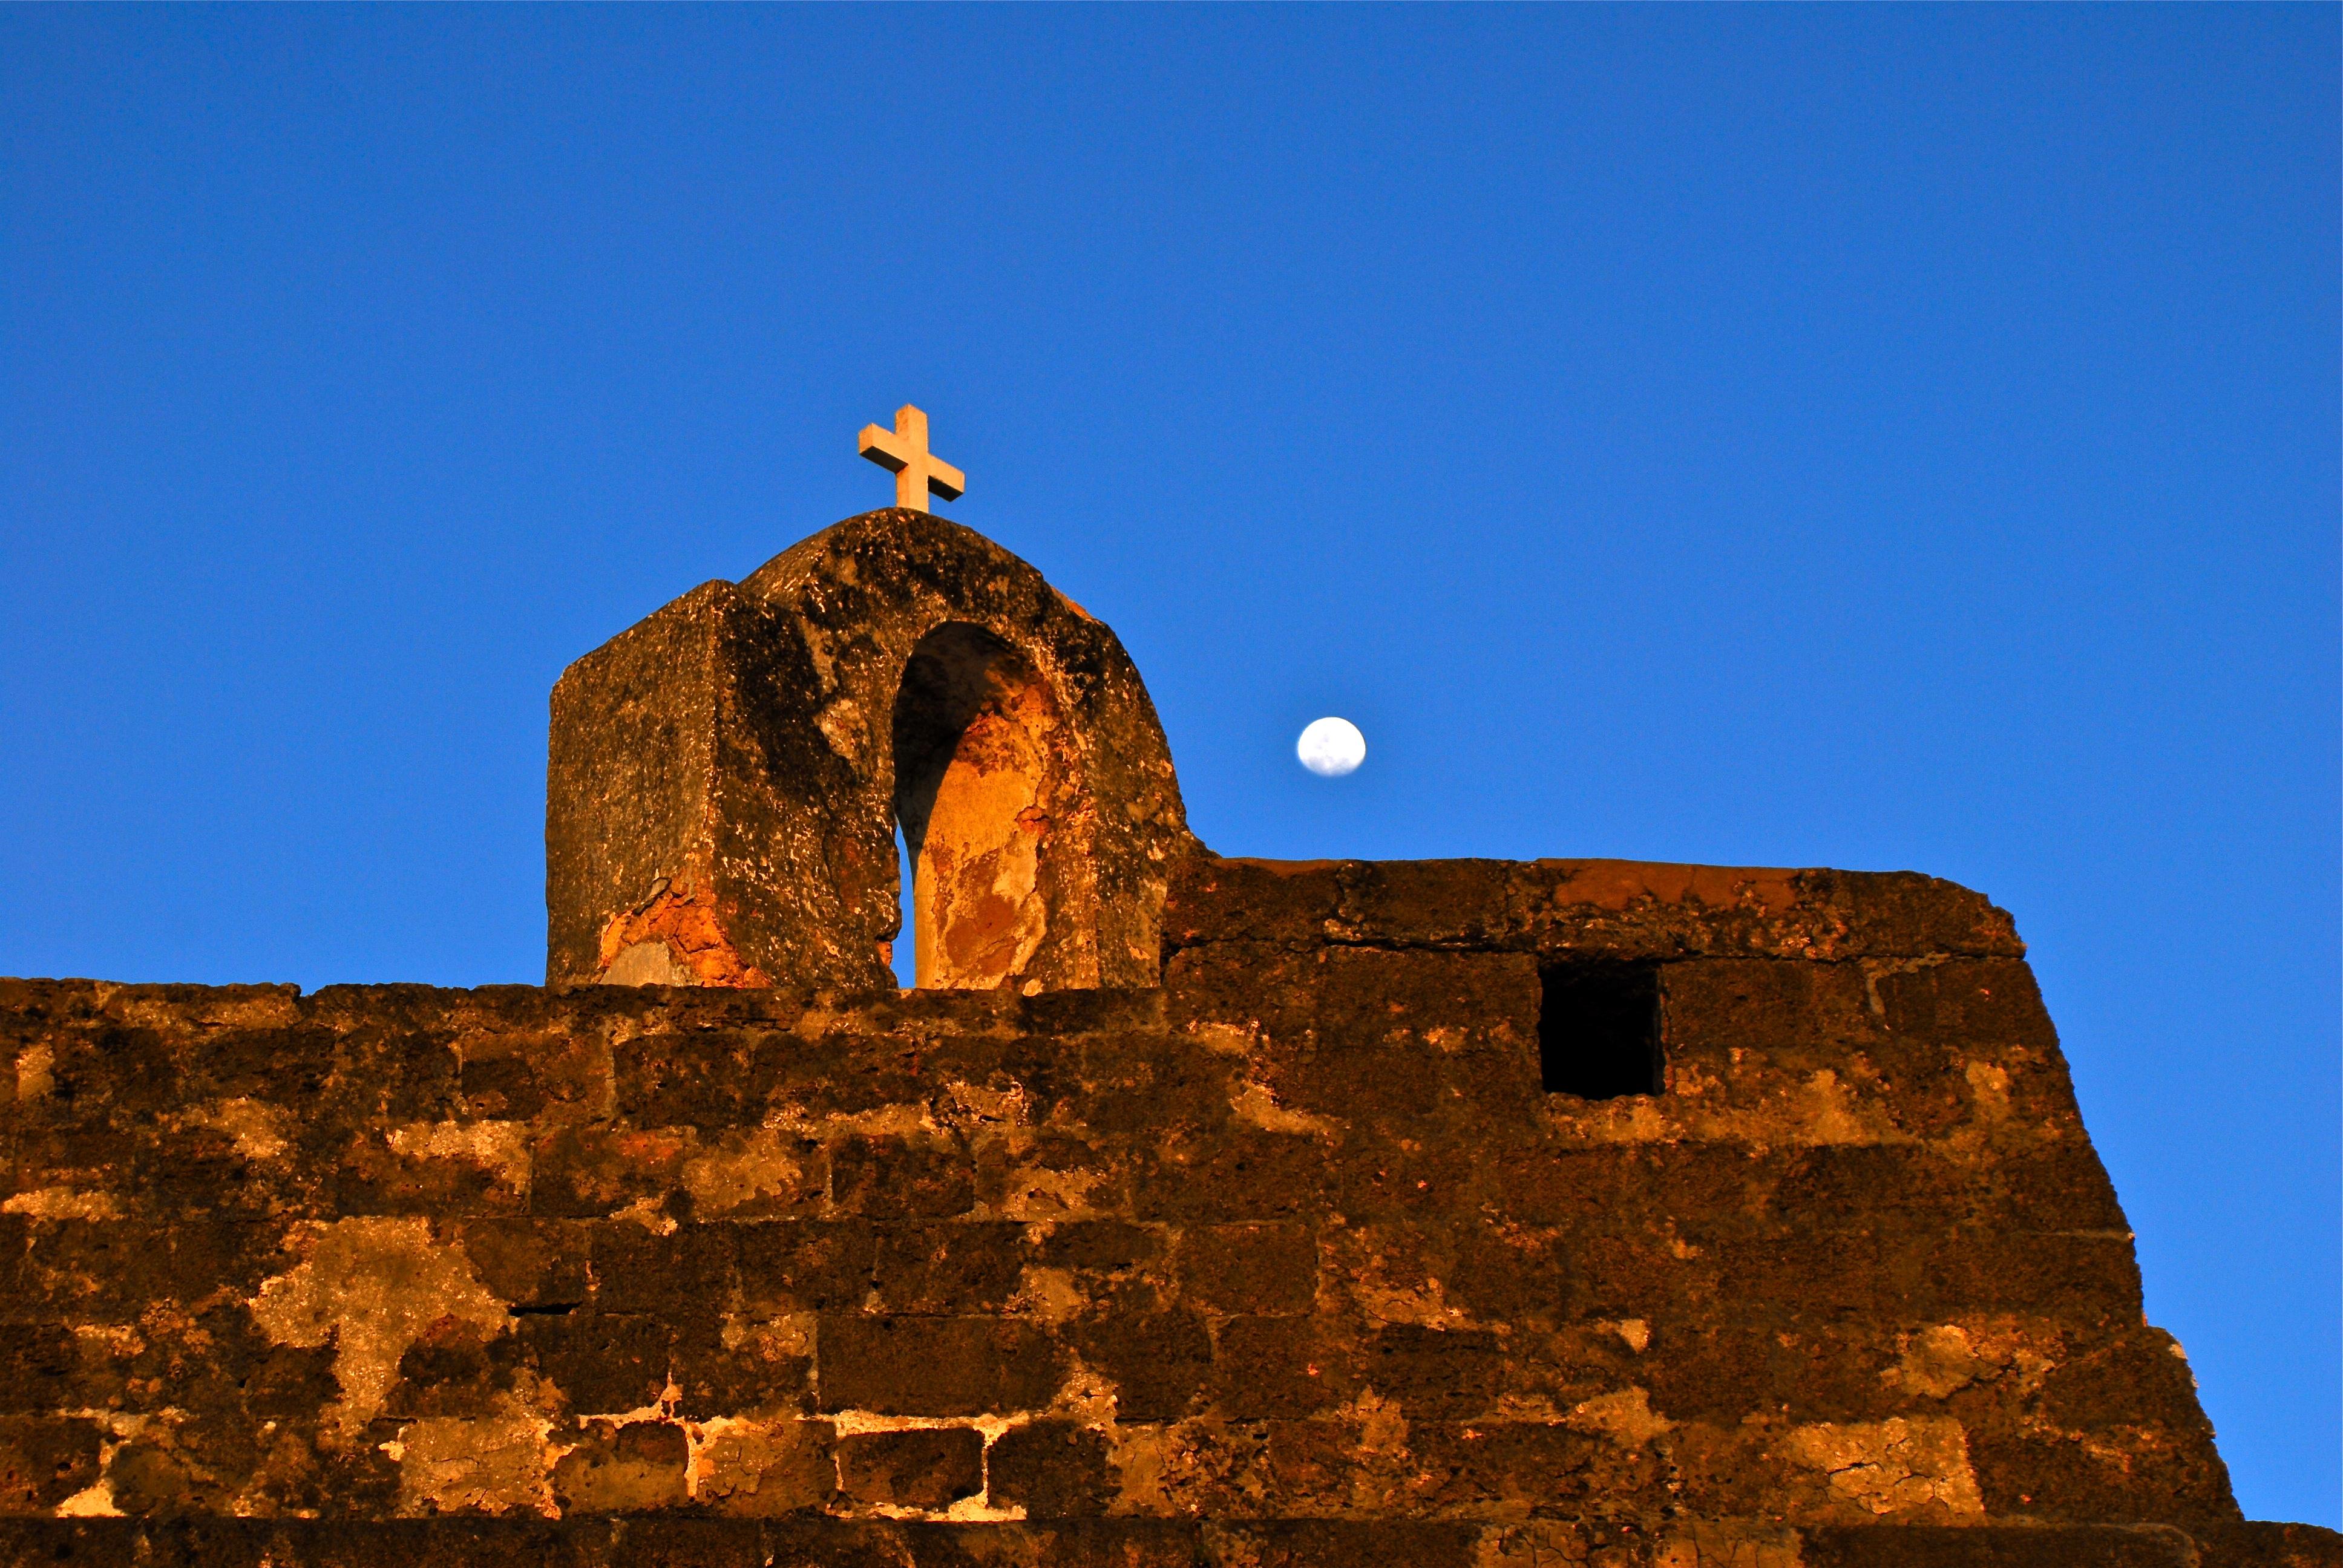 un mur en pierre de la forteresse de san sebastian de nuit avec lune